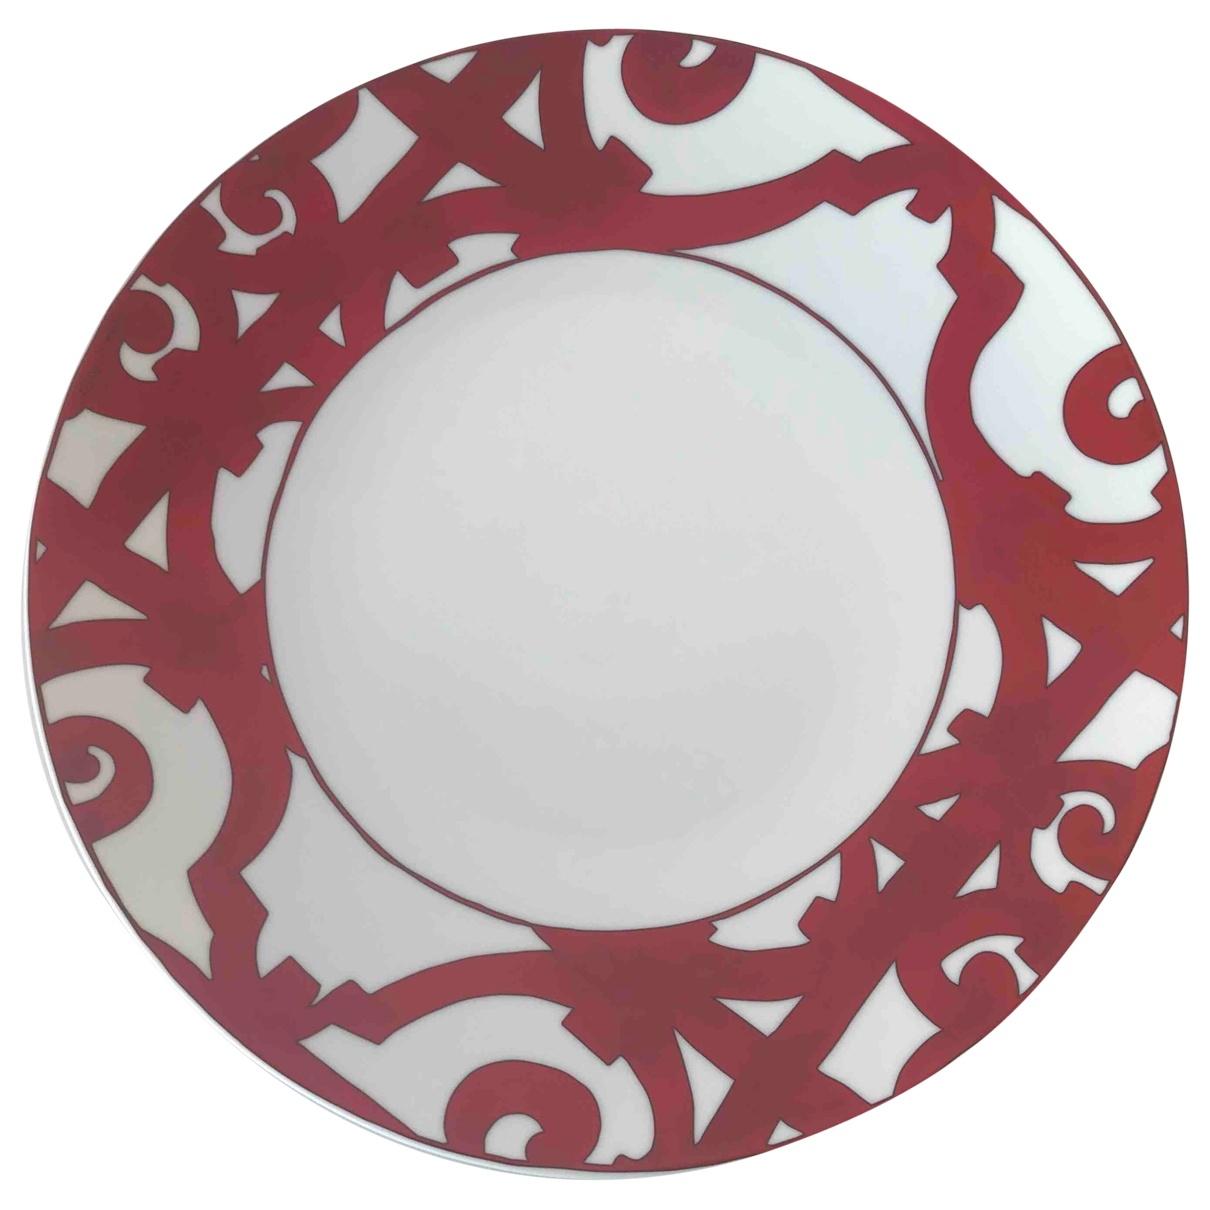 Hermes - Arts de la table Balcon du Guadalquivir pour lifestyle en ceramique - rouge